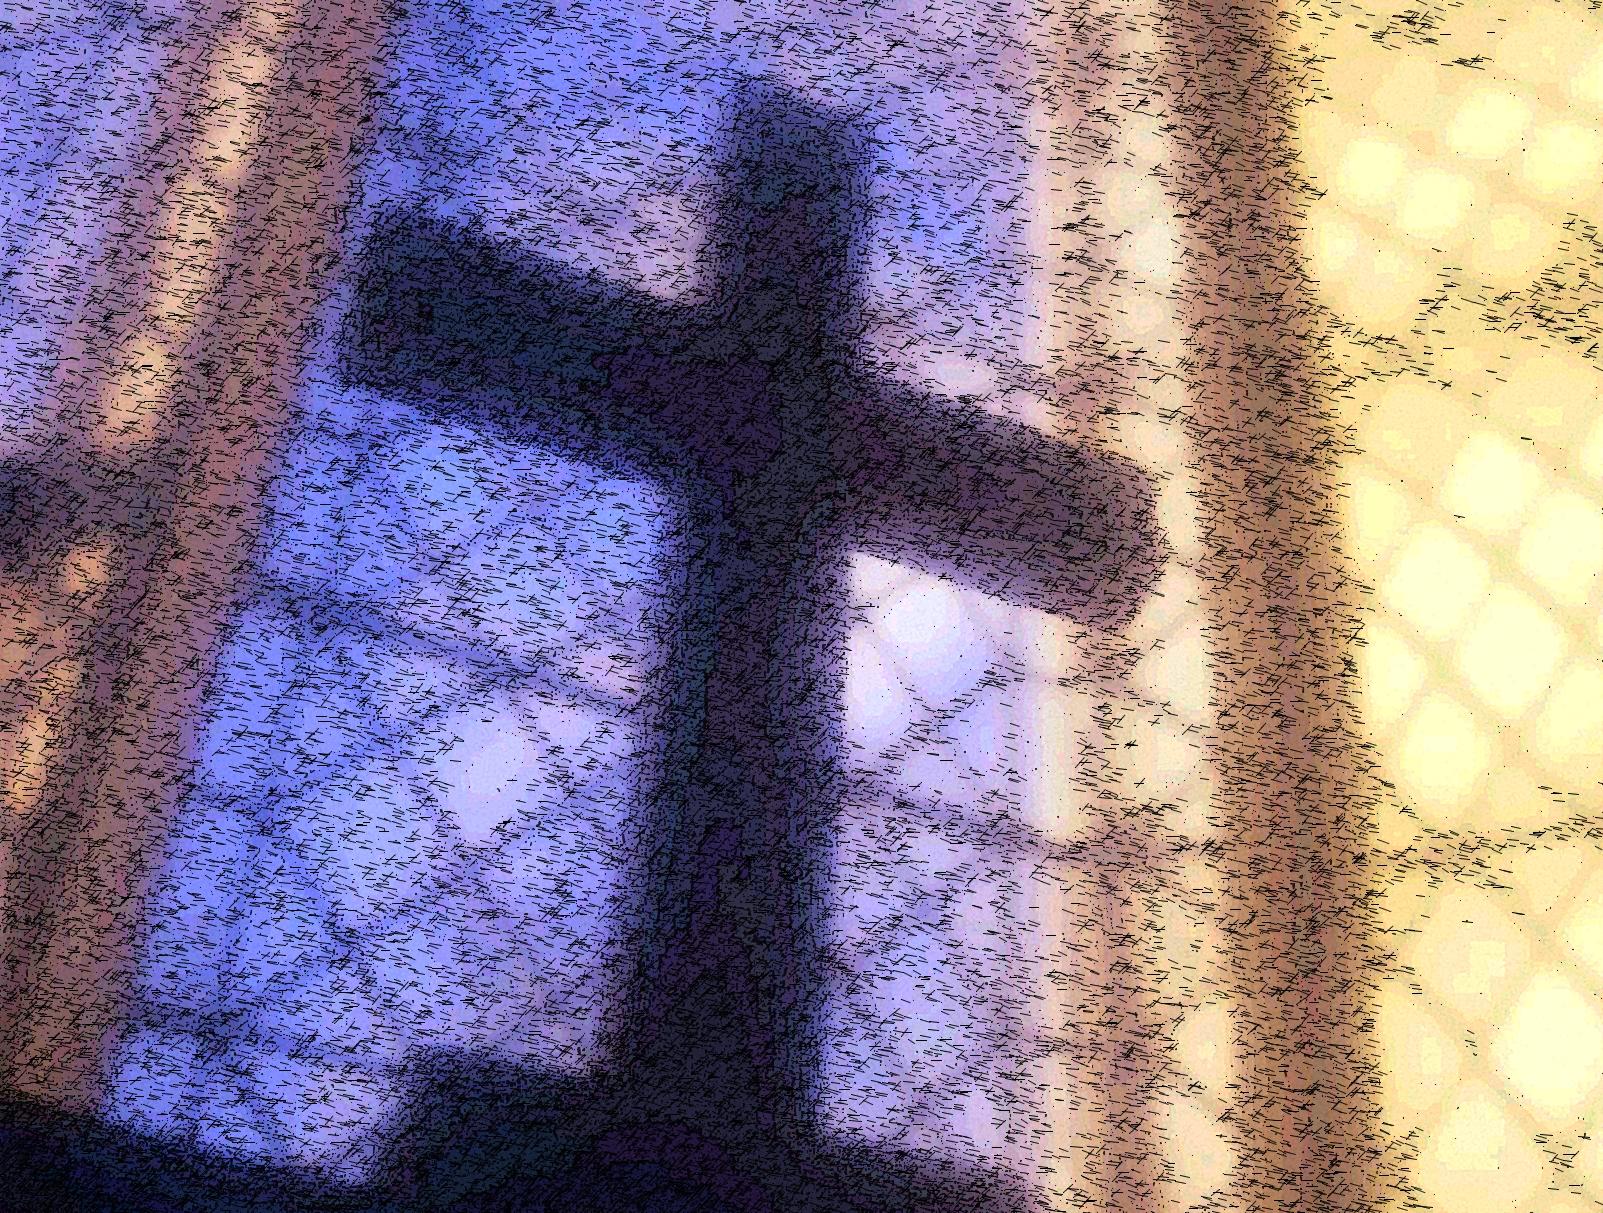 Creciente Presión de Sacerdotes Católicos para Normalizar la Homosexualidad